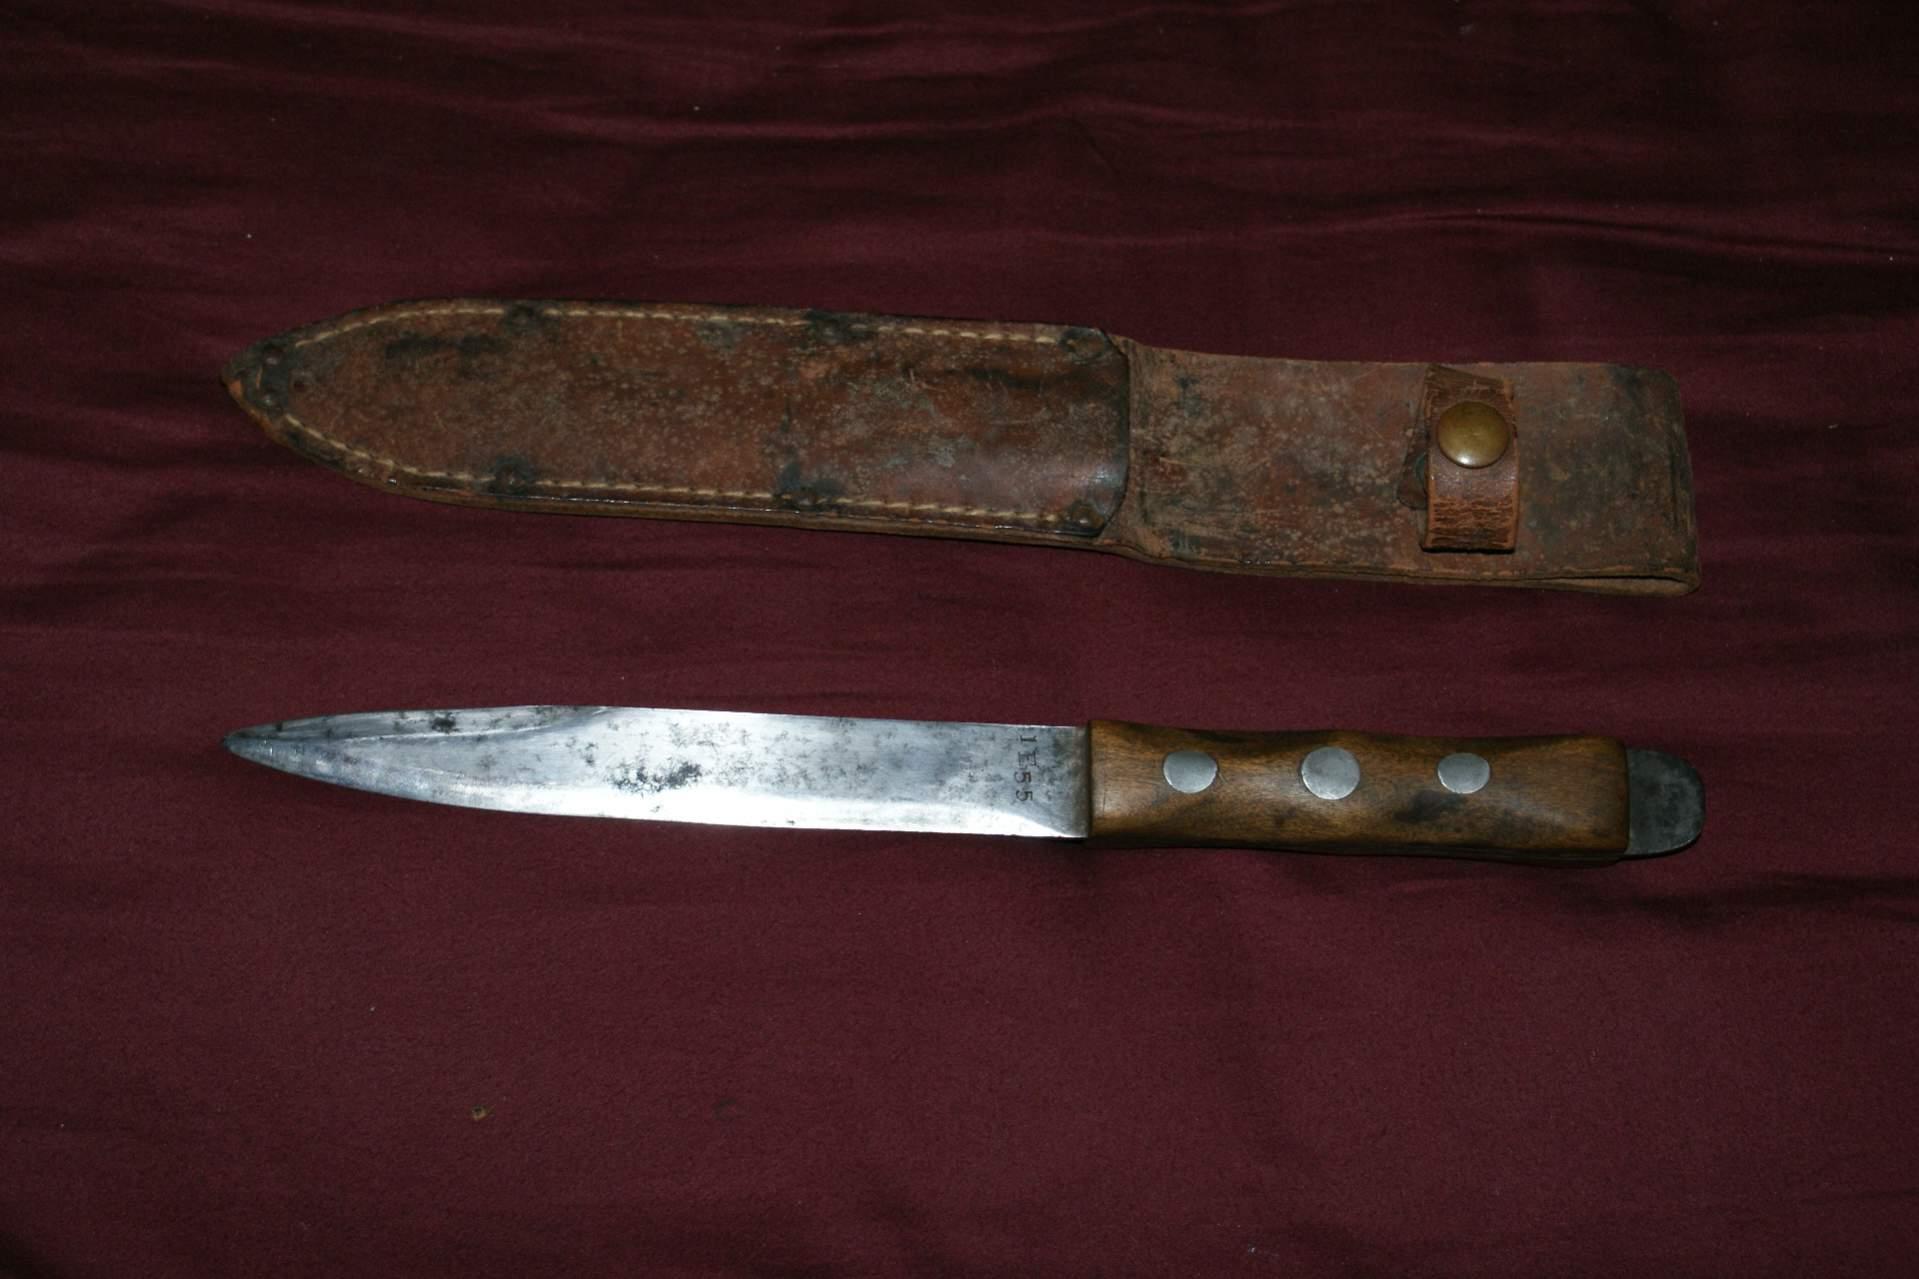 wwii #1 pattern John Ek knife